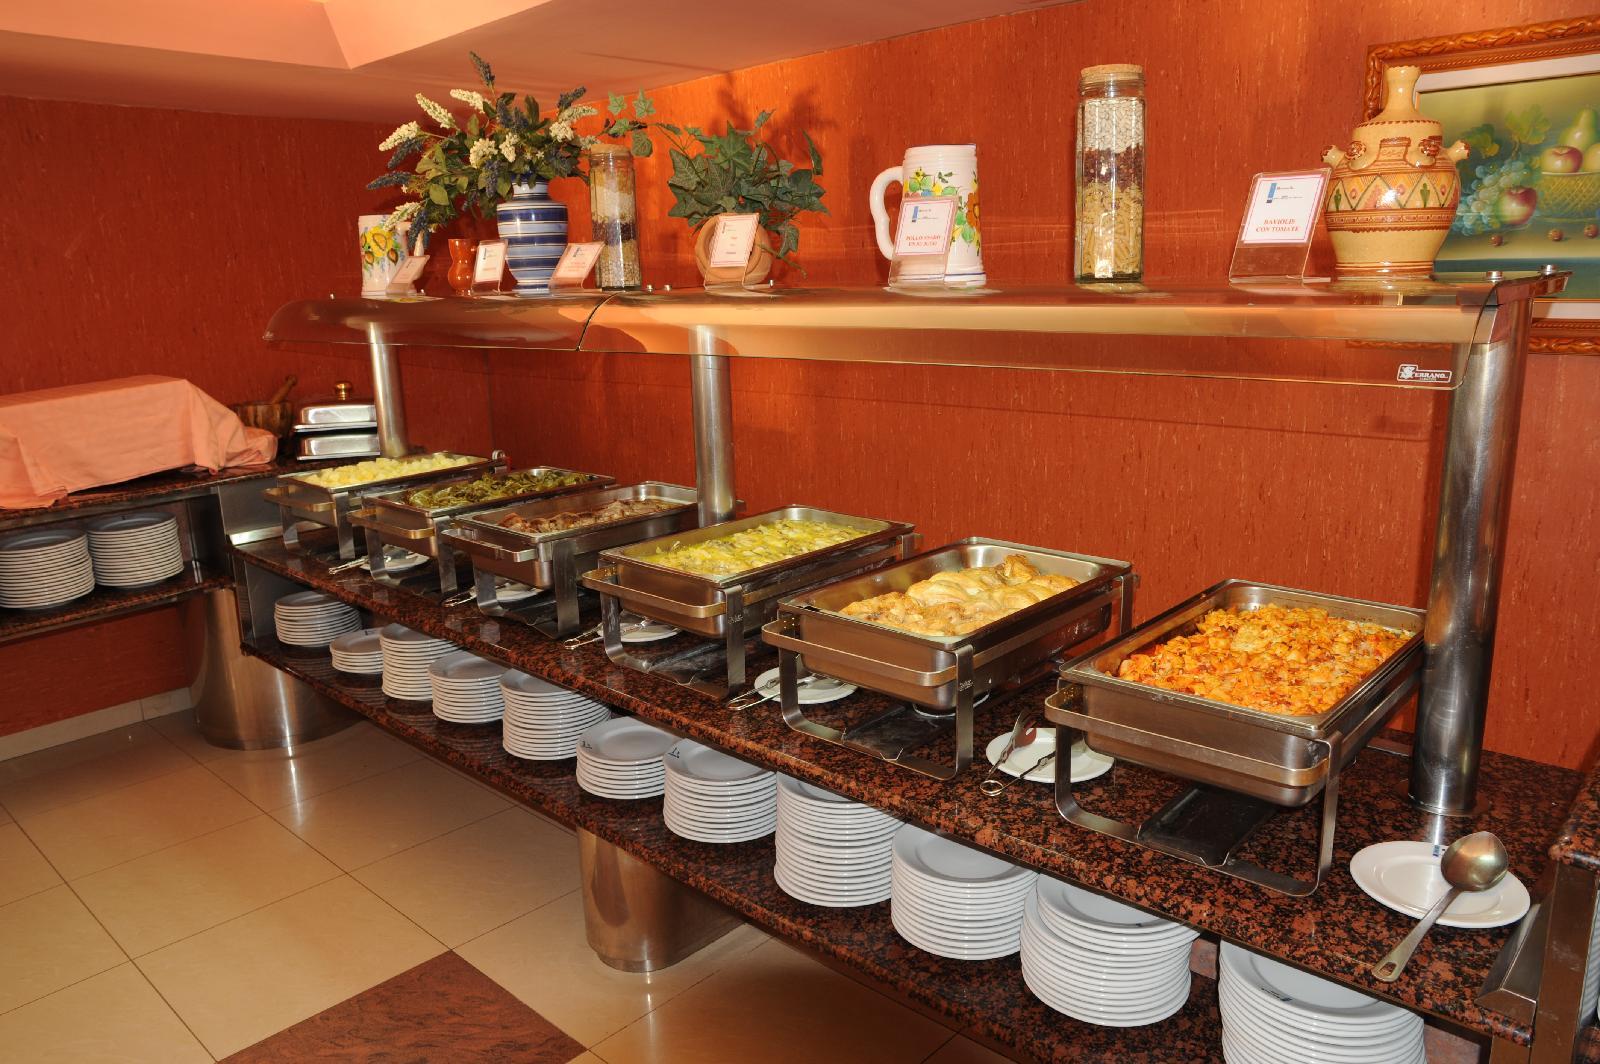 Lido en benidorm costa blanca desde 47 - Restaurante el puerto benidorm ...